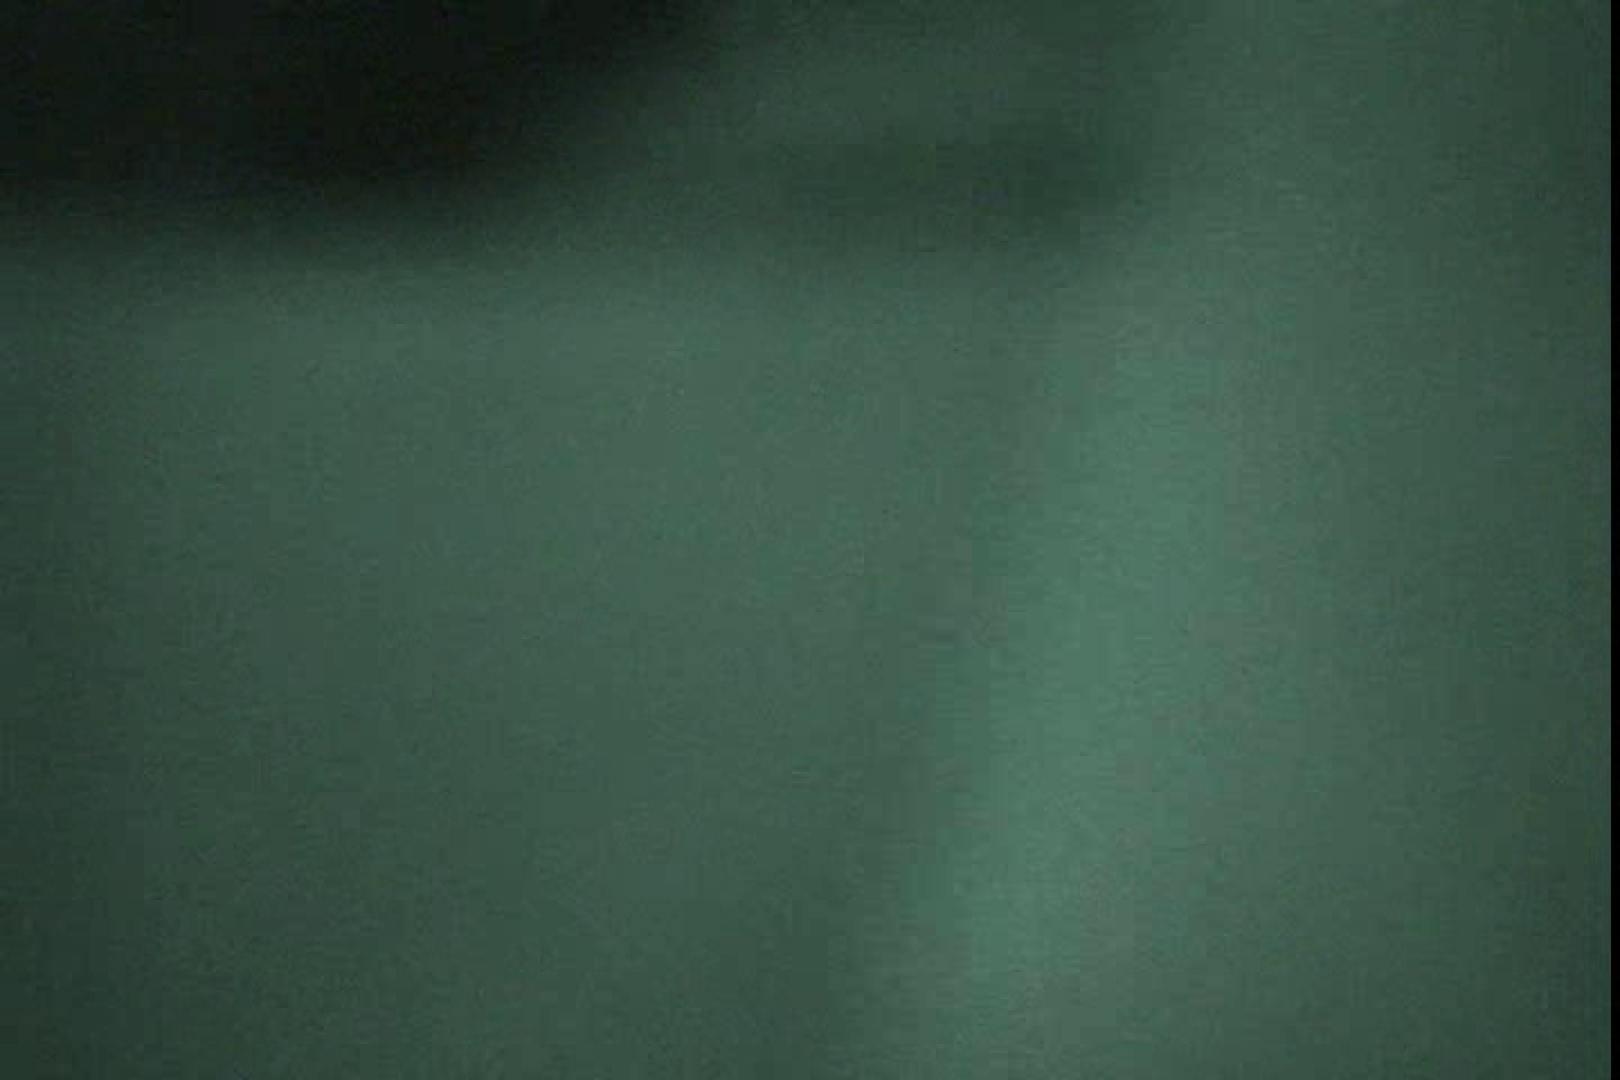 赤外線ムレスケバレー(汗) vol.11 赤外線   アスリート  95PIX 29